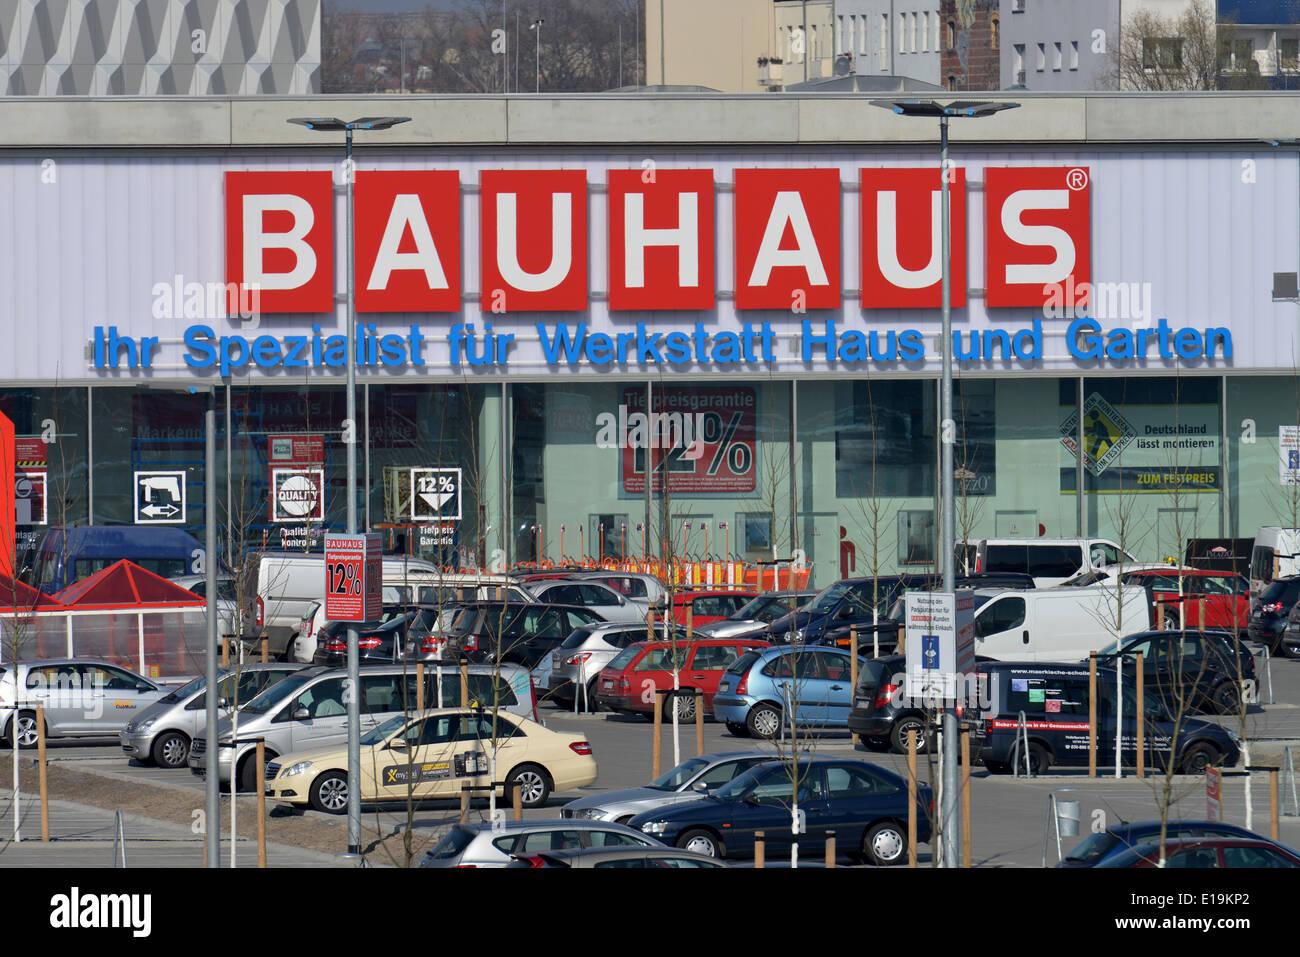 Bauhaus Charlottenburg bauhaus kurfuerstendamm halensee berlin deutschland stock photo